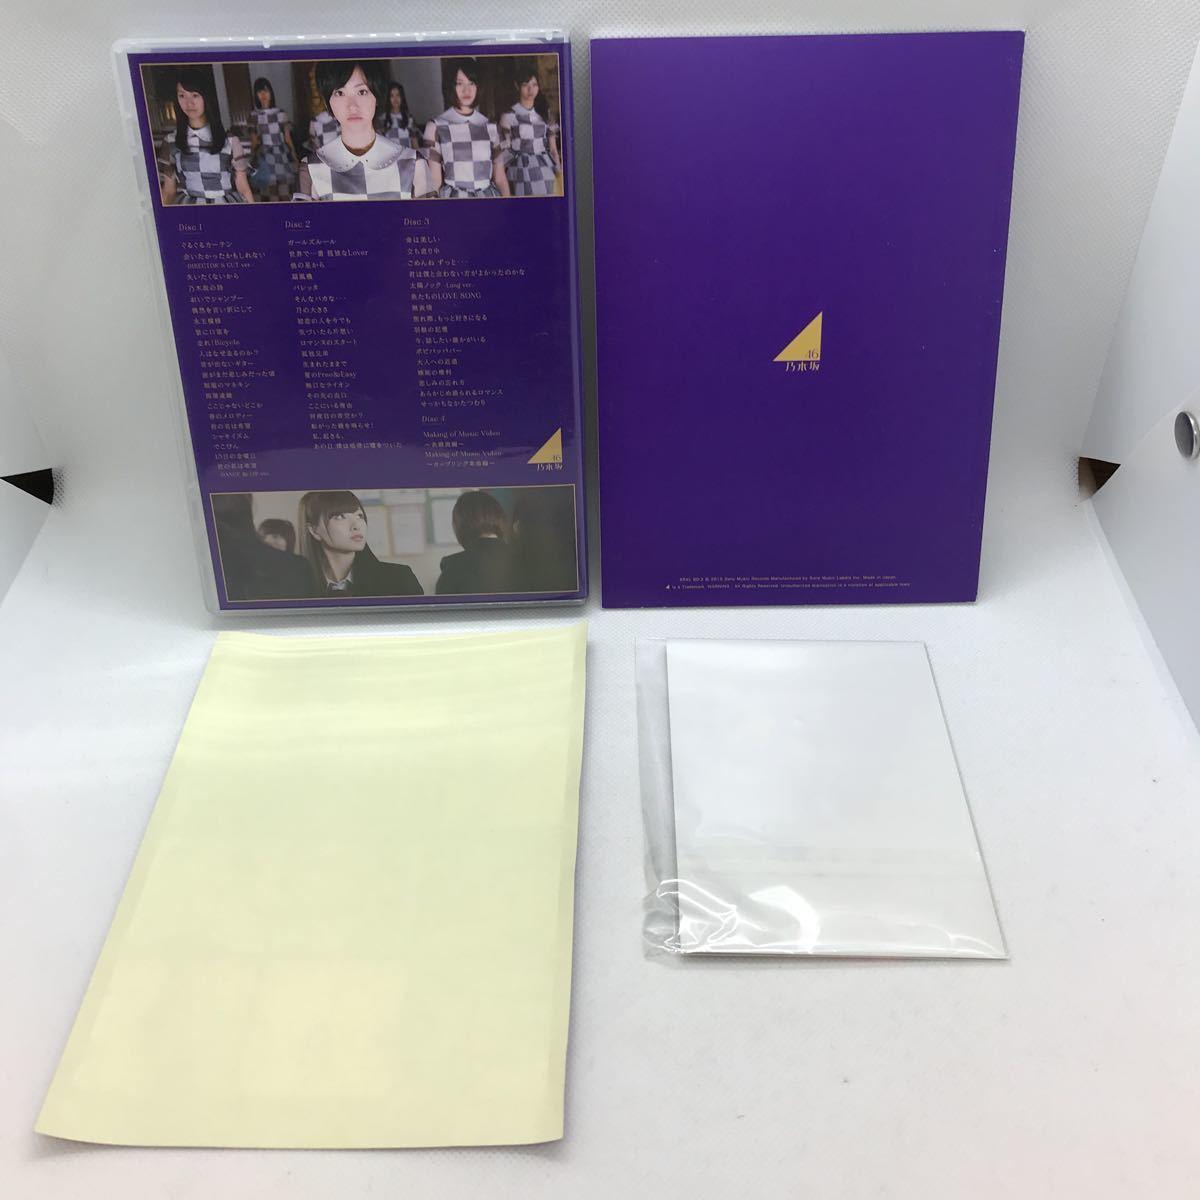 乃木坂46 ALL MV COLLECTION ~あの時の彼女たち~ 完全生産限定盤 Blu-ray 4枚組_画像6